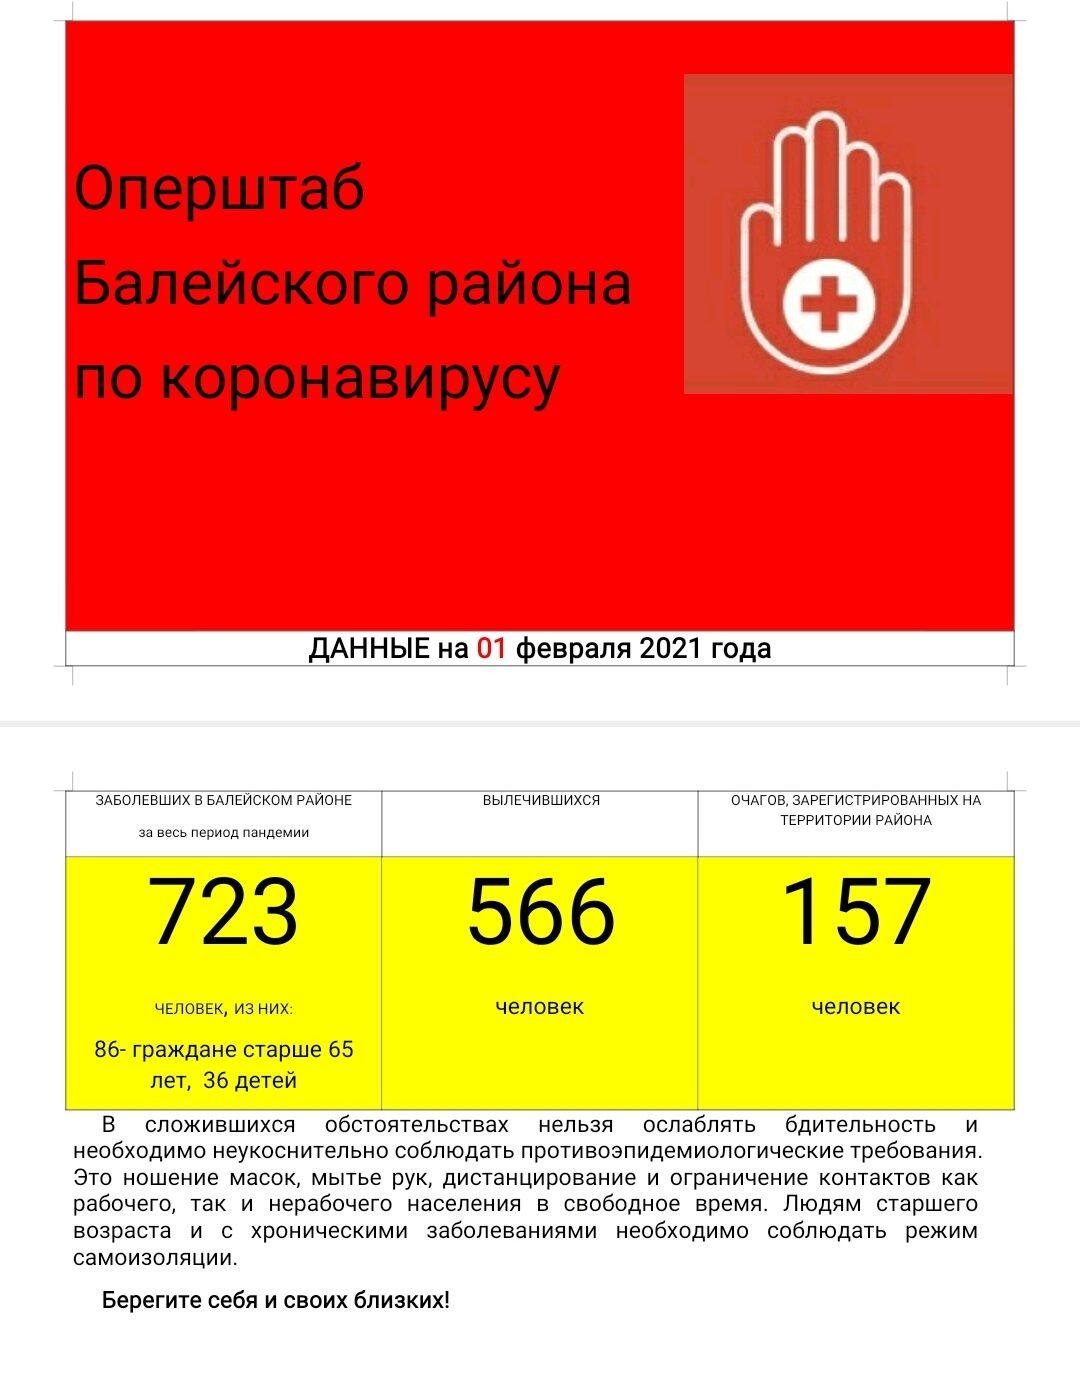 Оперштаб Балейского района по коронавирусу на 1 февраля 2021 г.